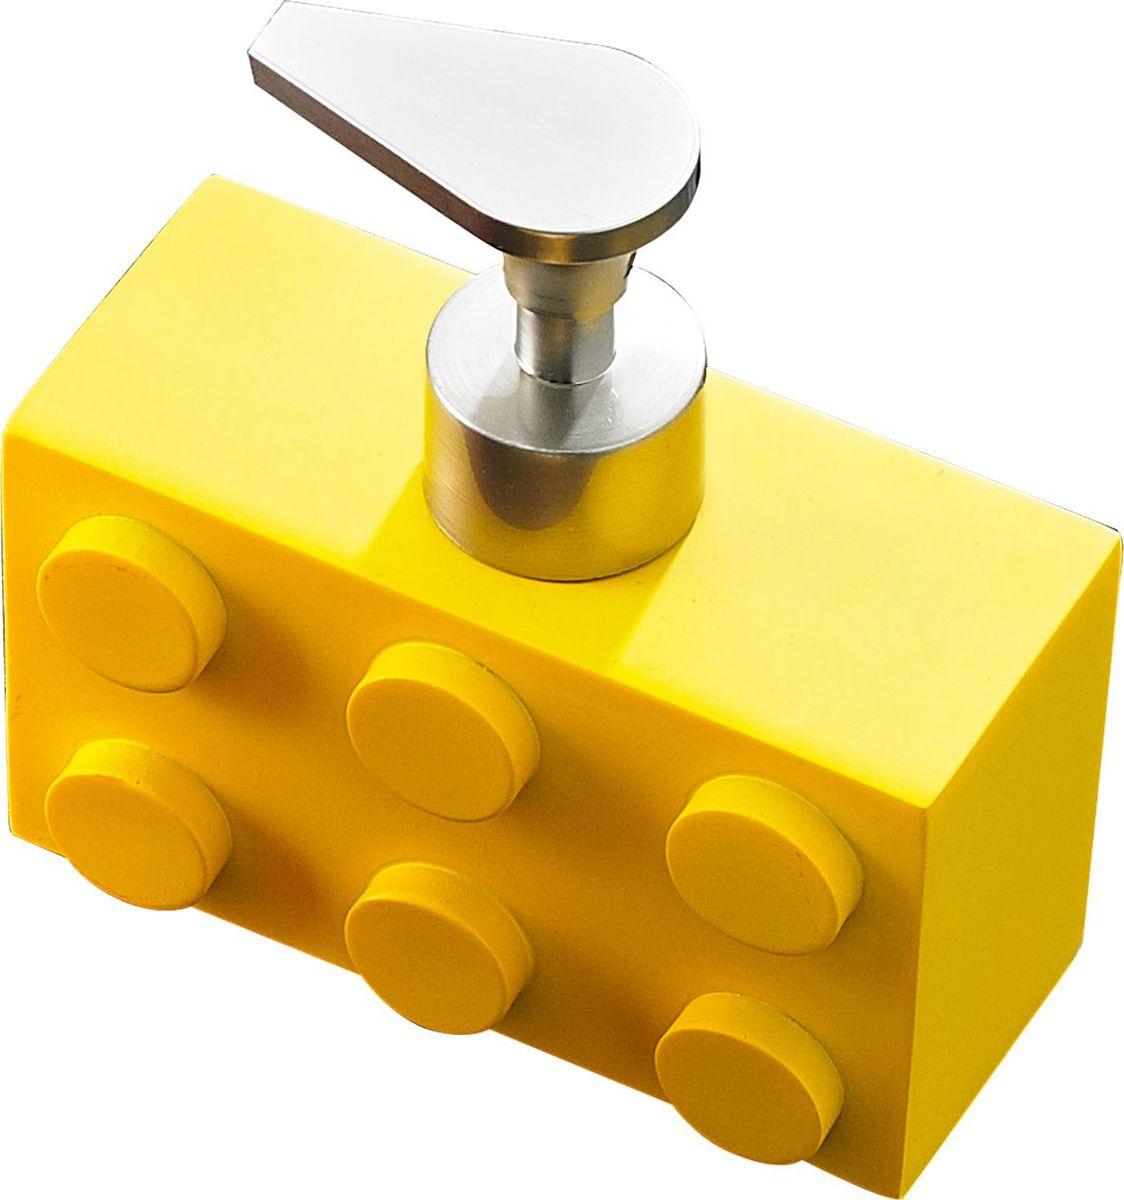 Дозатор для жидкого мыла Ridder Bob, цвет: желтый, 280 мл22210504Дозатор для жидкого мыла Ridder Bob, изготовленный из экологичной полирезины, отлично подойдет для вашей ванной комнаты. Такой аксессуар очень удобен в использовании, достаточно лишь перелить жидкое мыло в дозатор, а когда необходимо использование мыла, легким нажатием выдавить нужное количество. Дозатор для жидкого мыла Ridder Bob создаст особую атмосферу уюта и максимального комфорта в ванной. Объем дозатора: 280 мл.